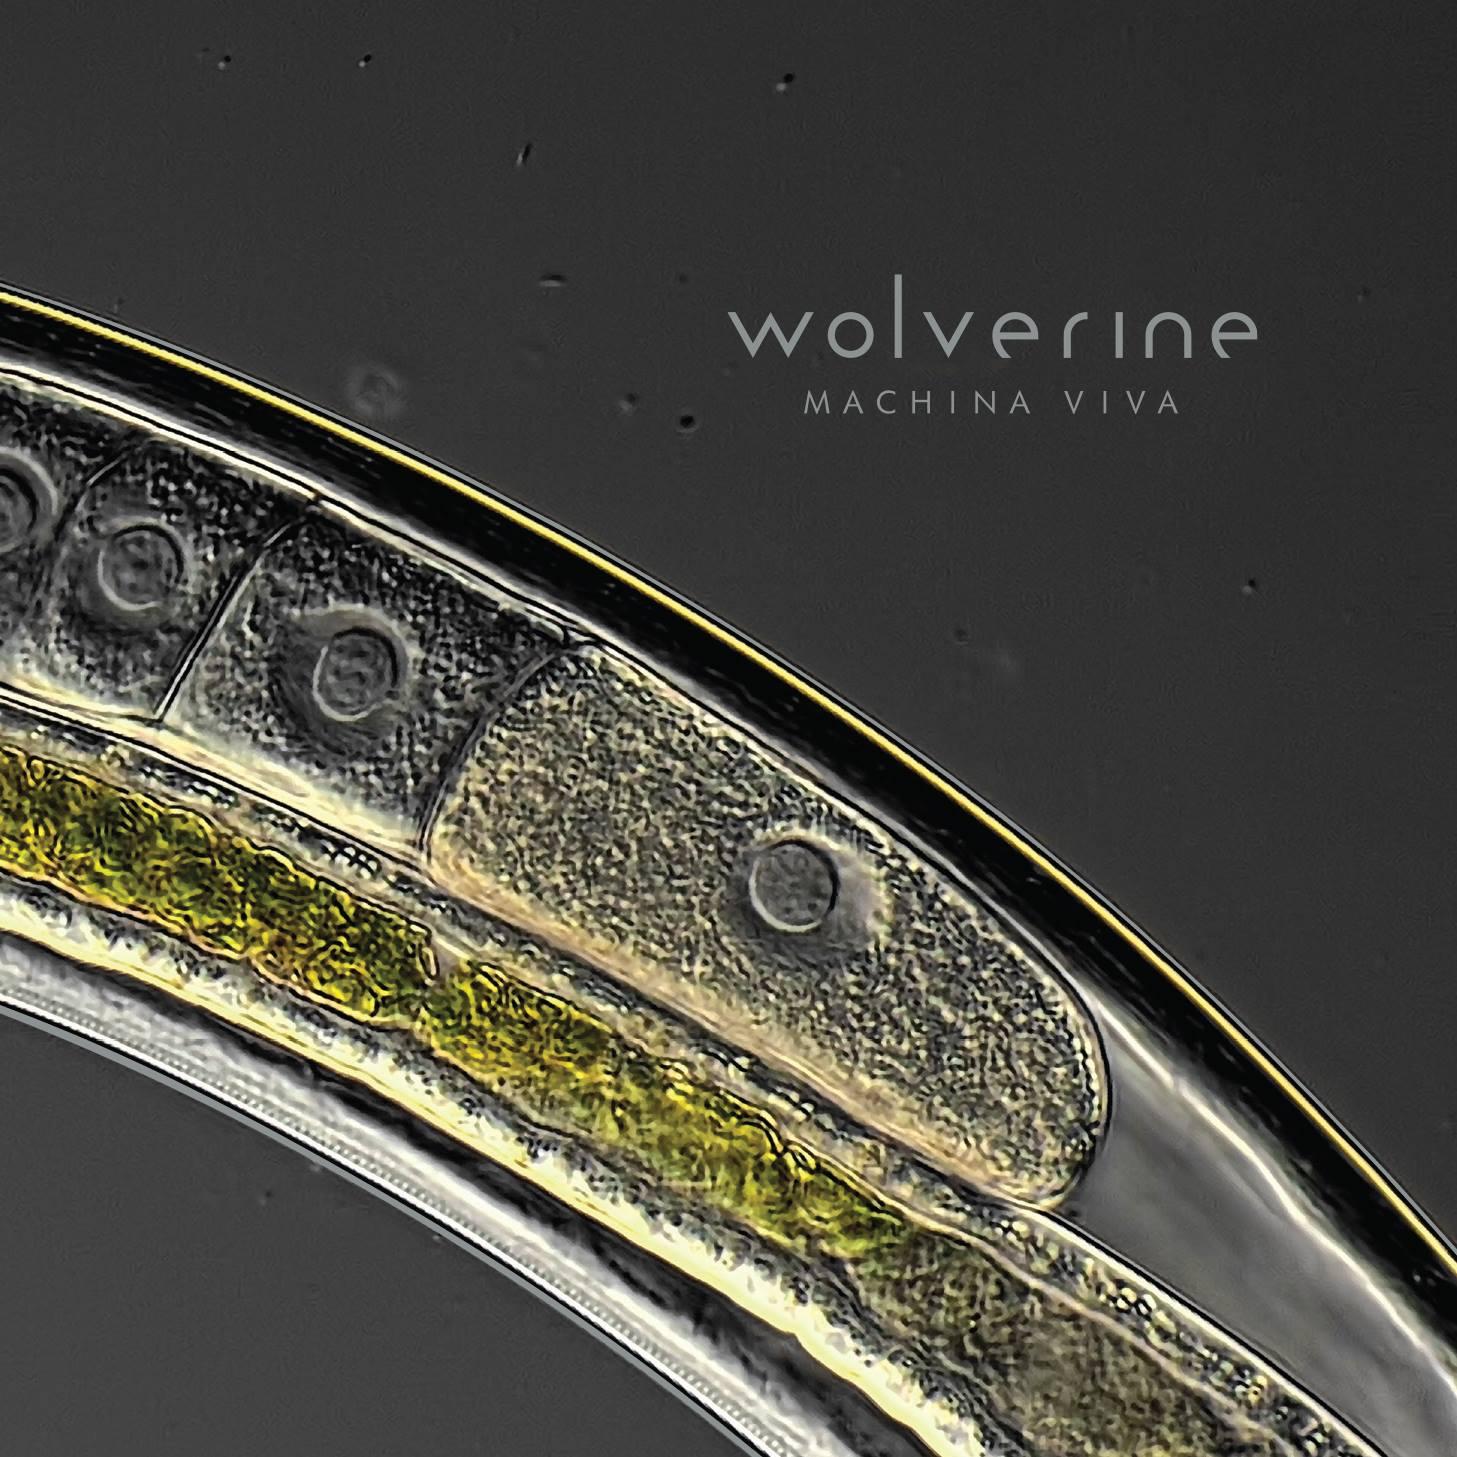 Wolverine – Machina Viva